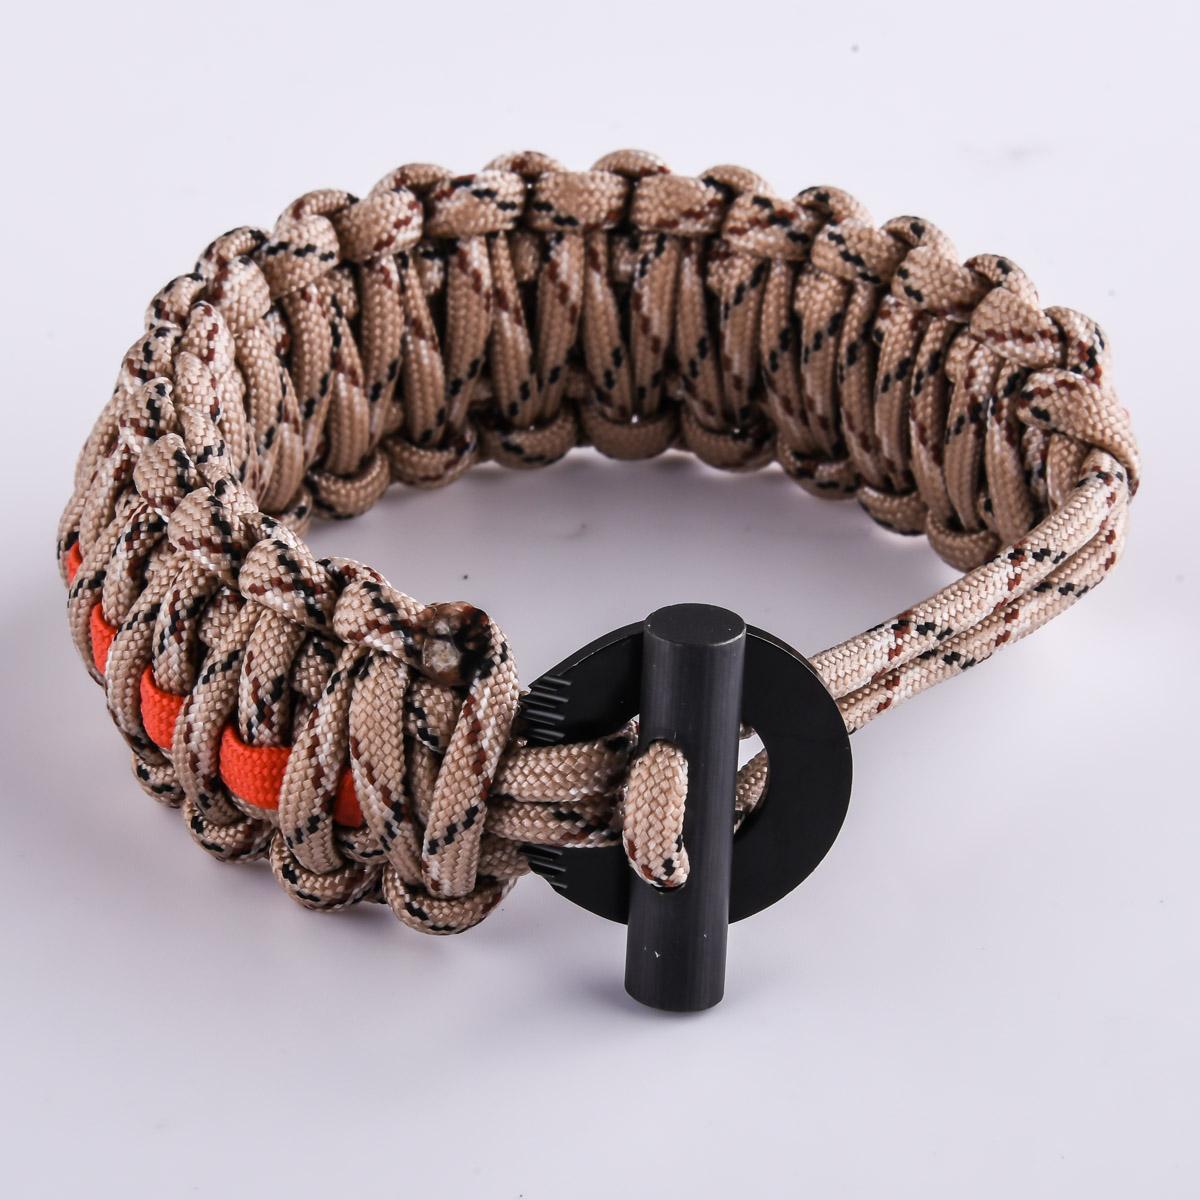 Браслет из паракорда плетение кобра - пустынный камуфляж